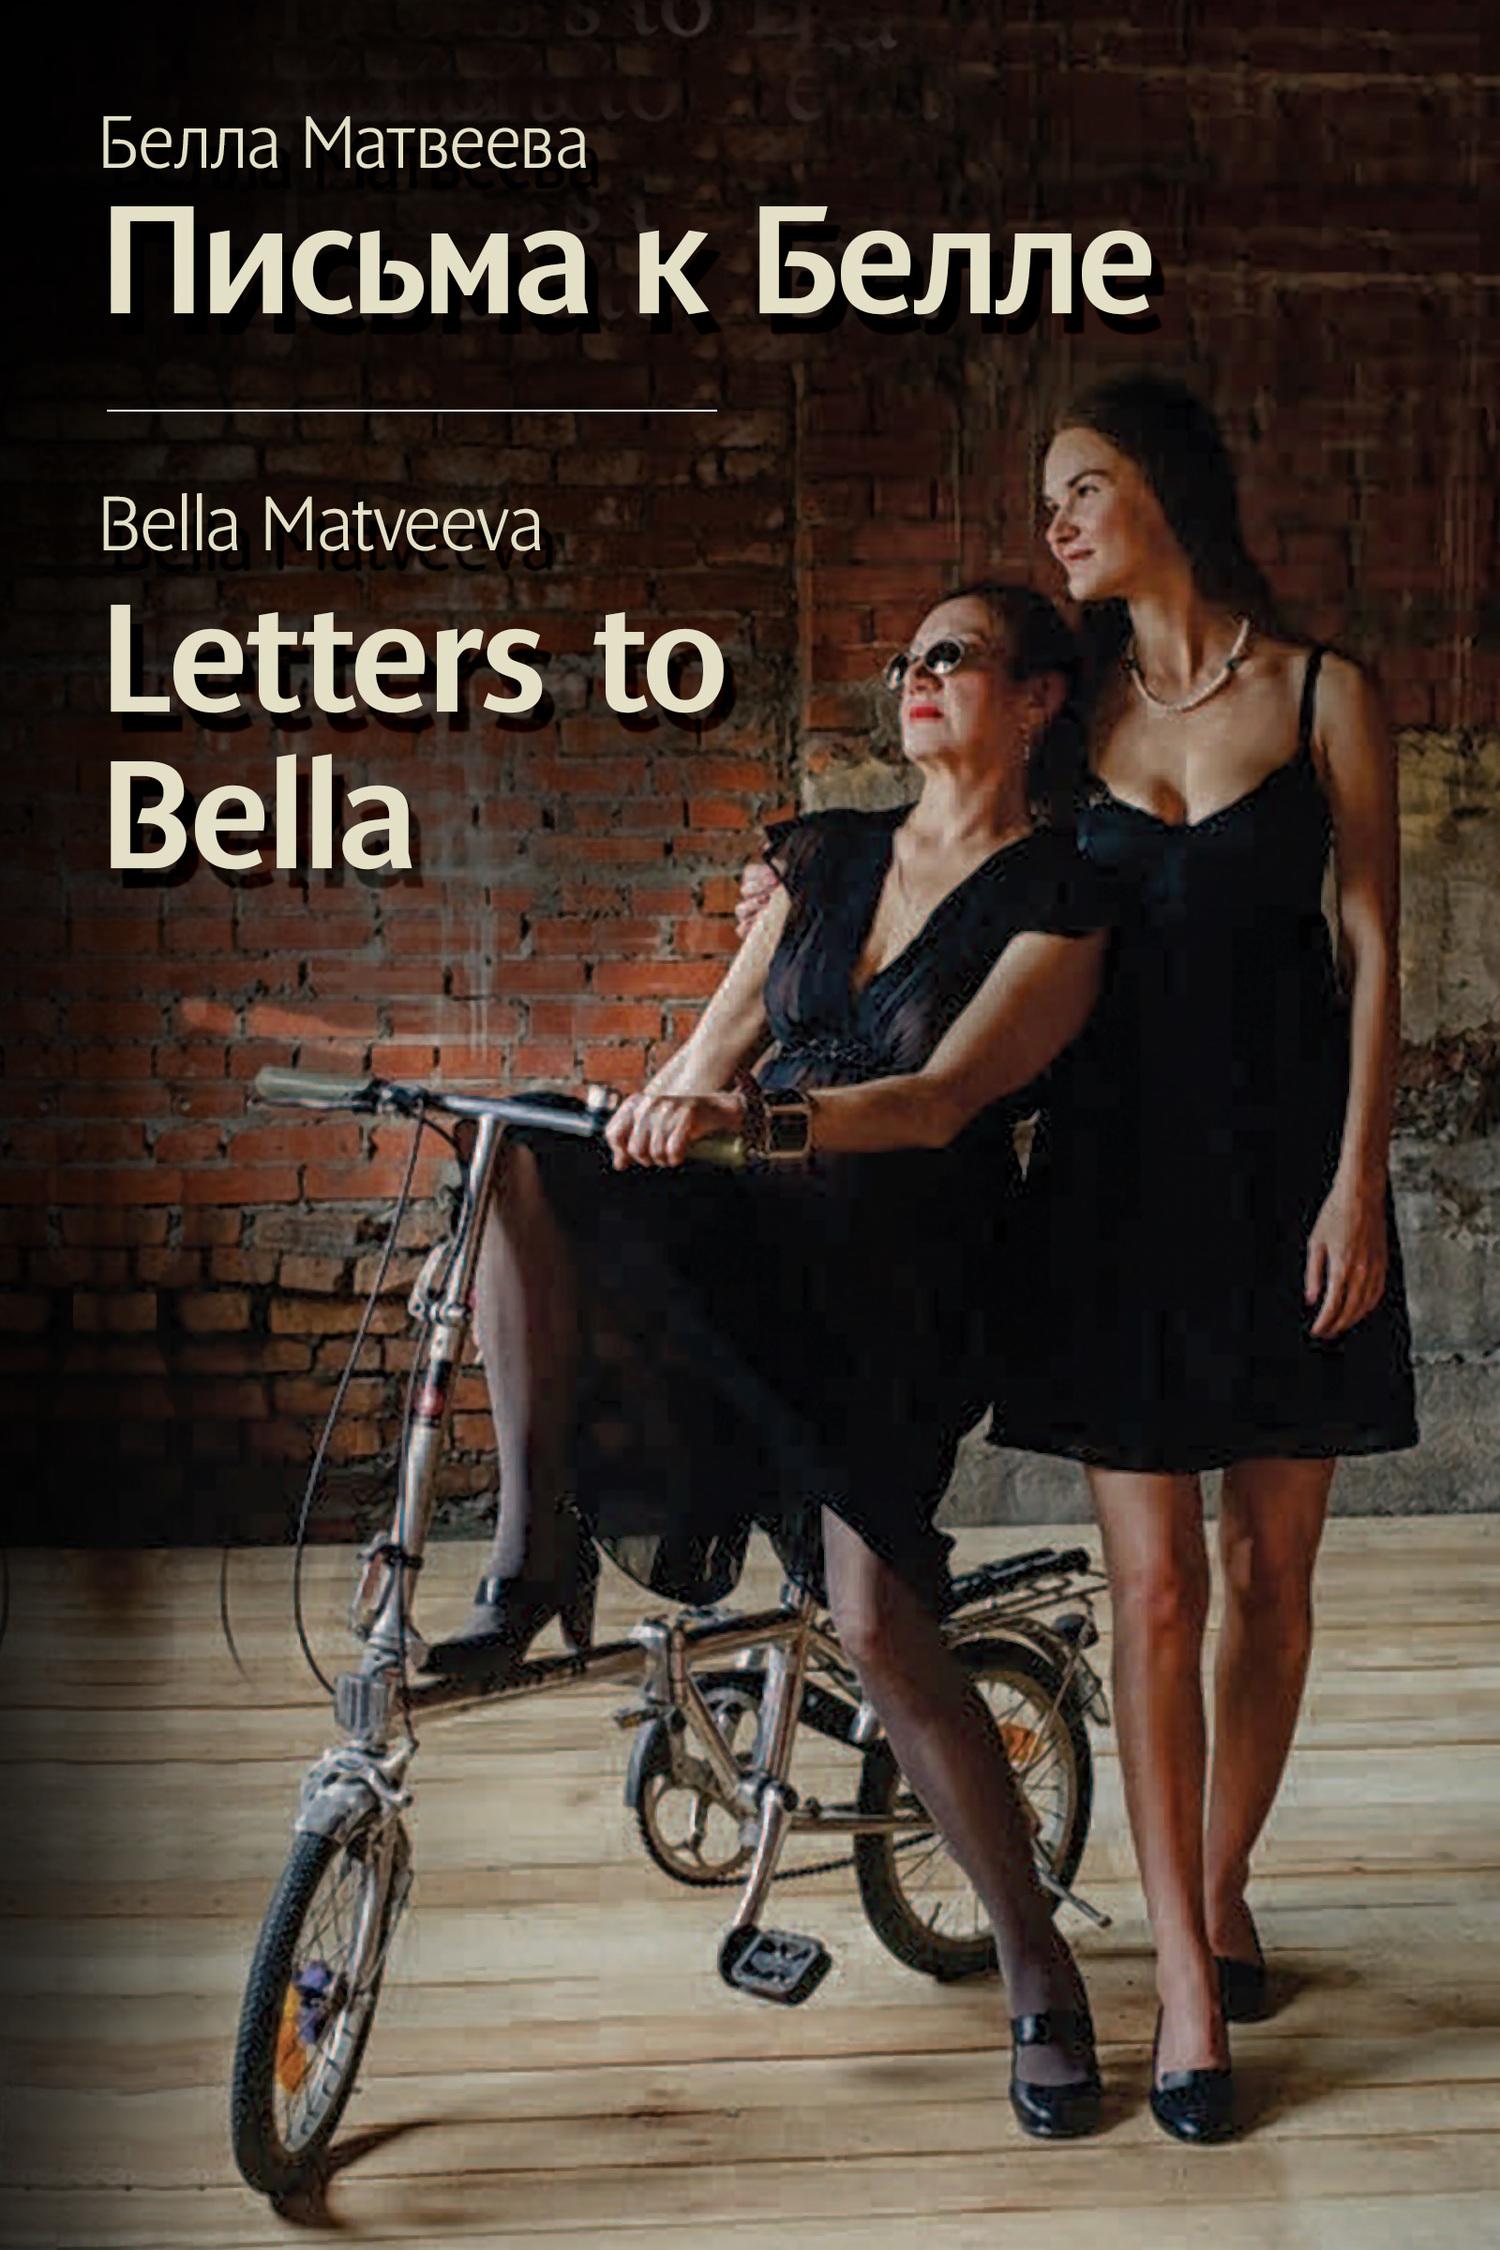 Письма к Белле